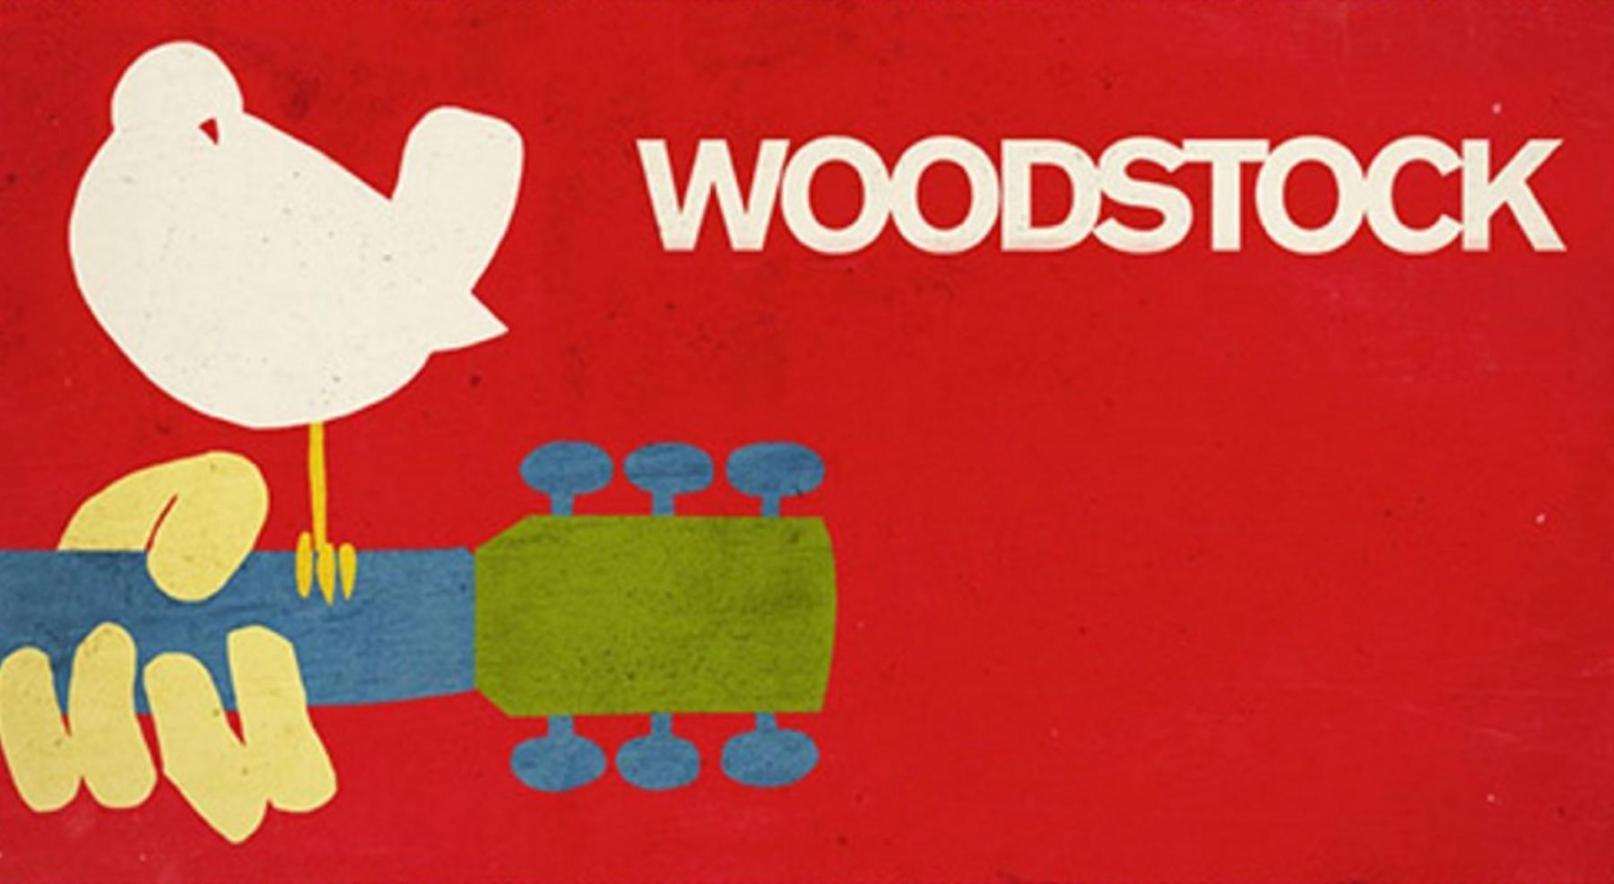 woodstock-50.jpg